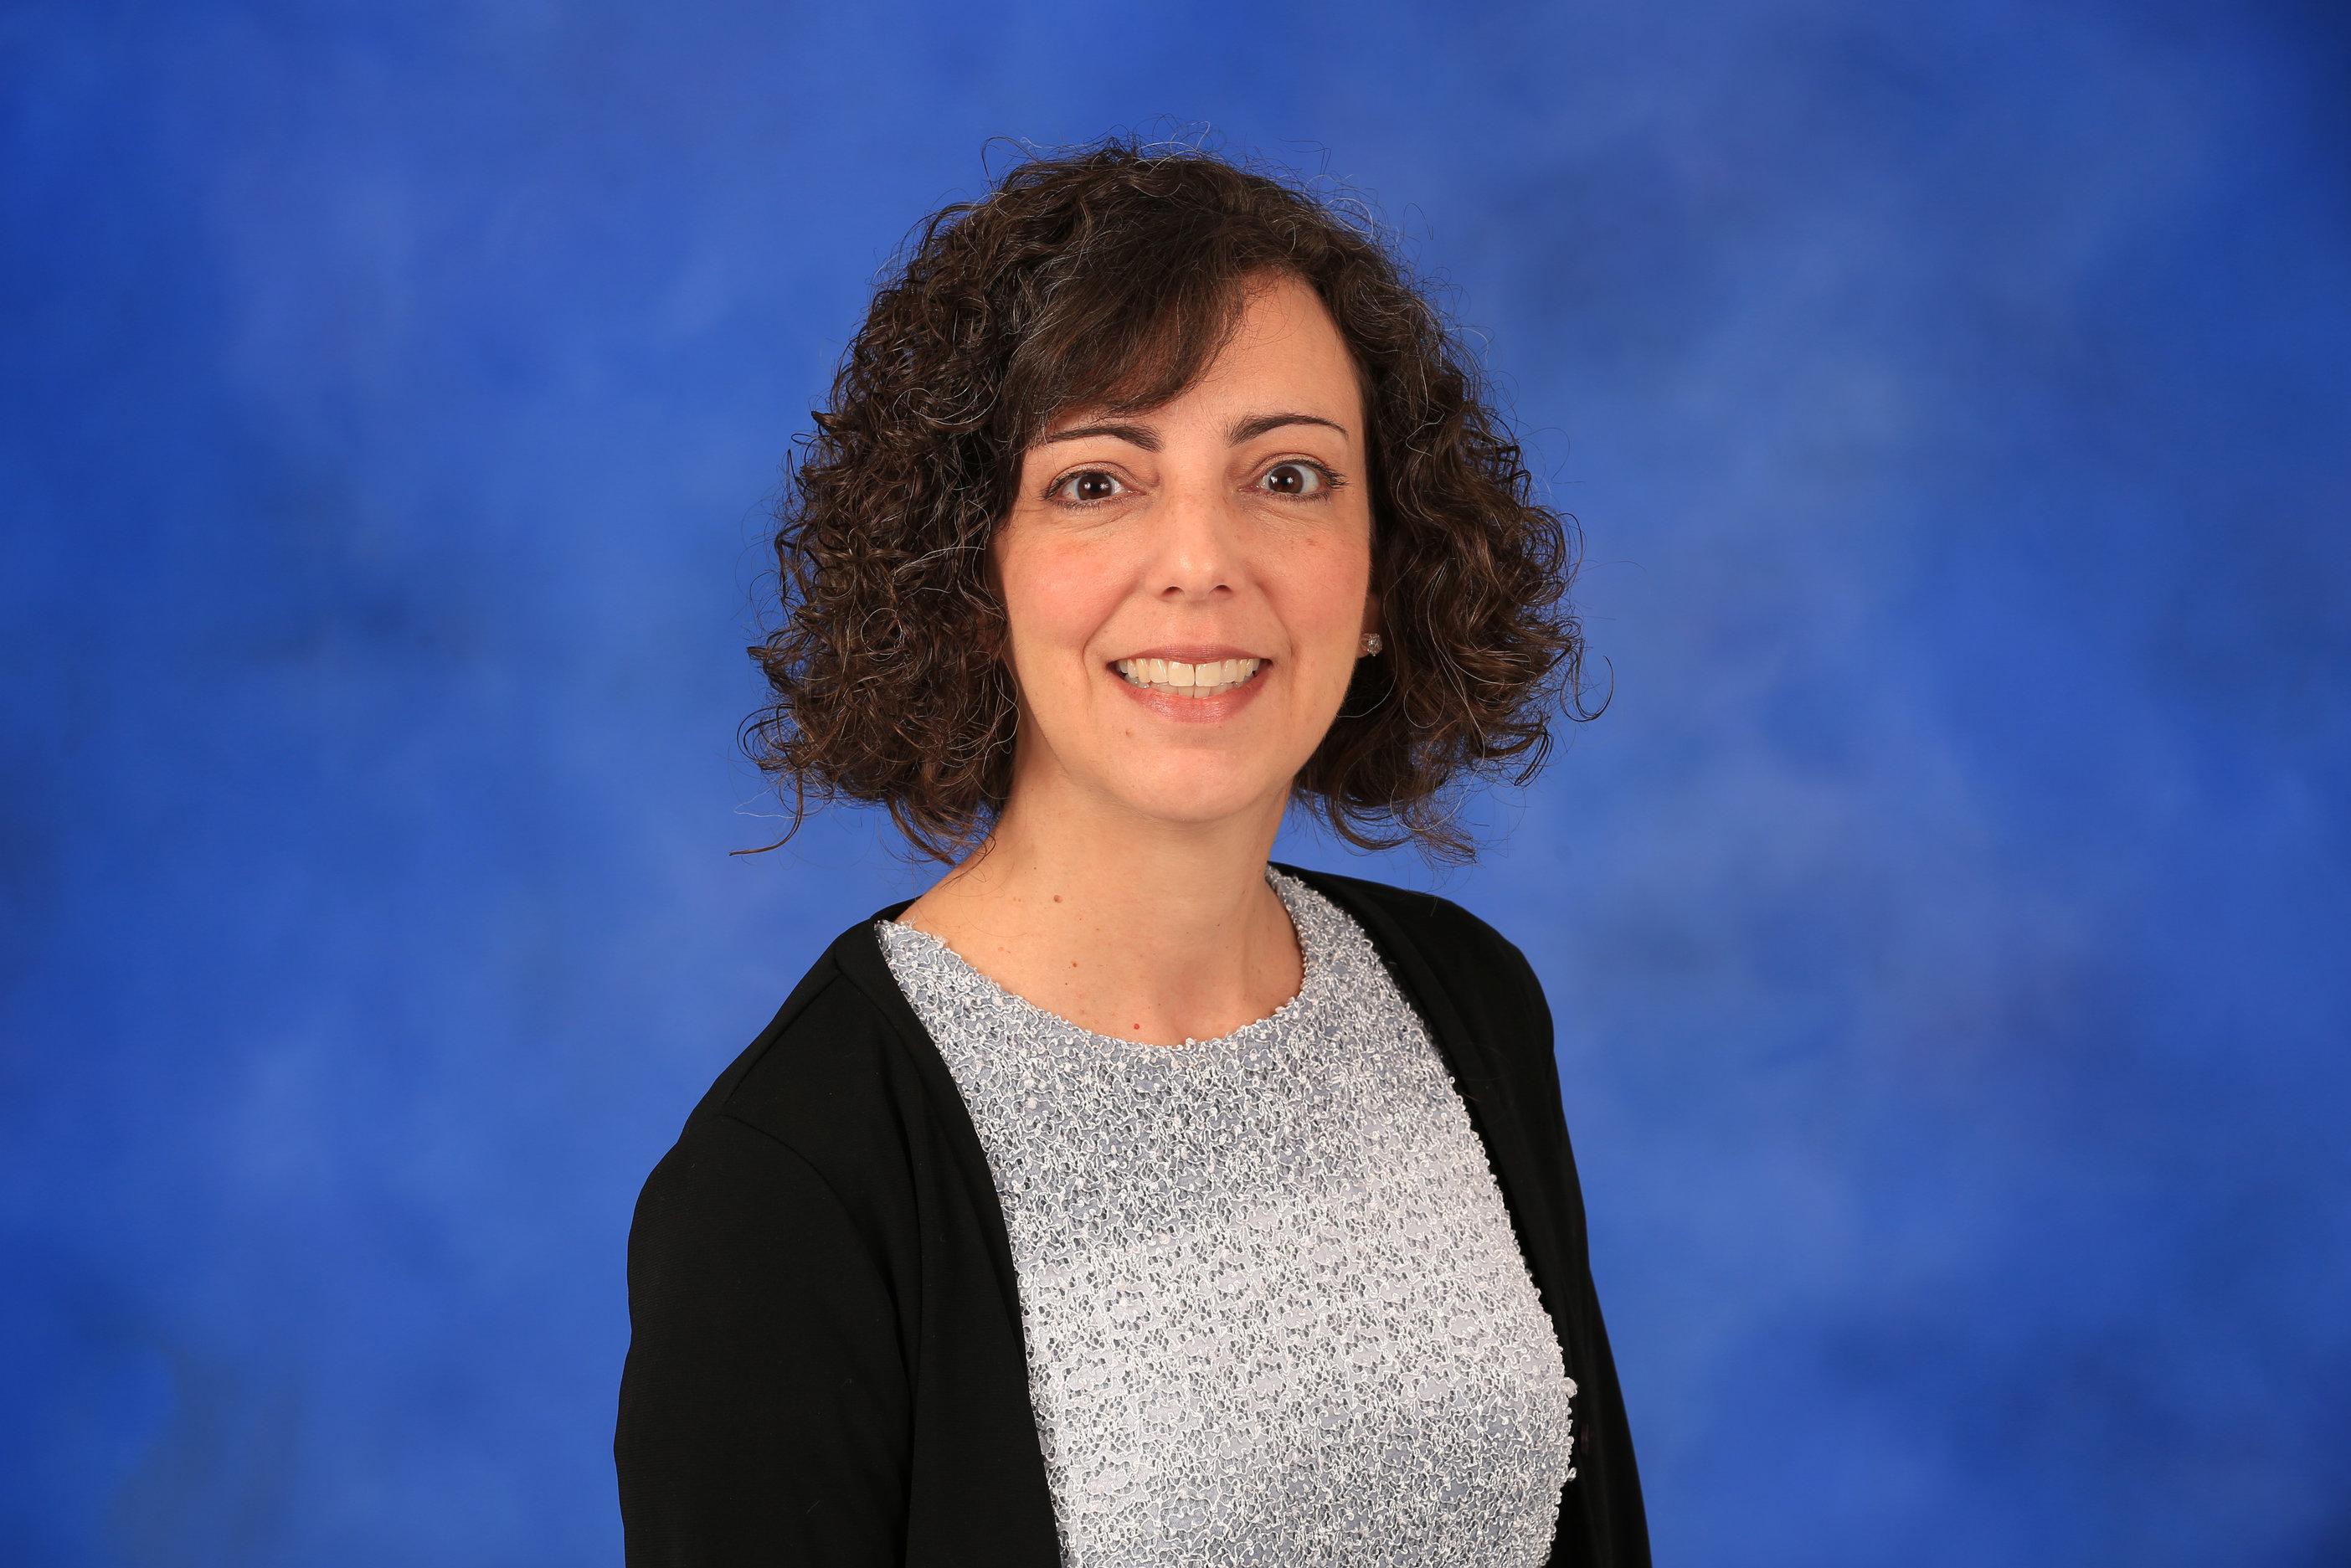 Dr. Dana Skelley